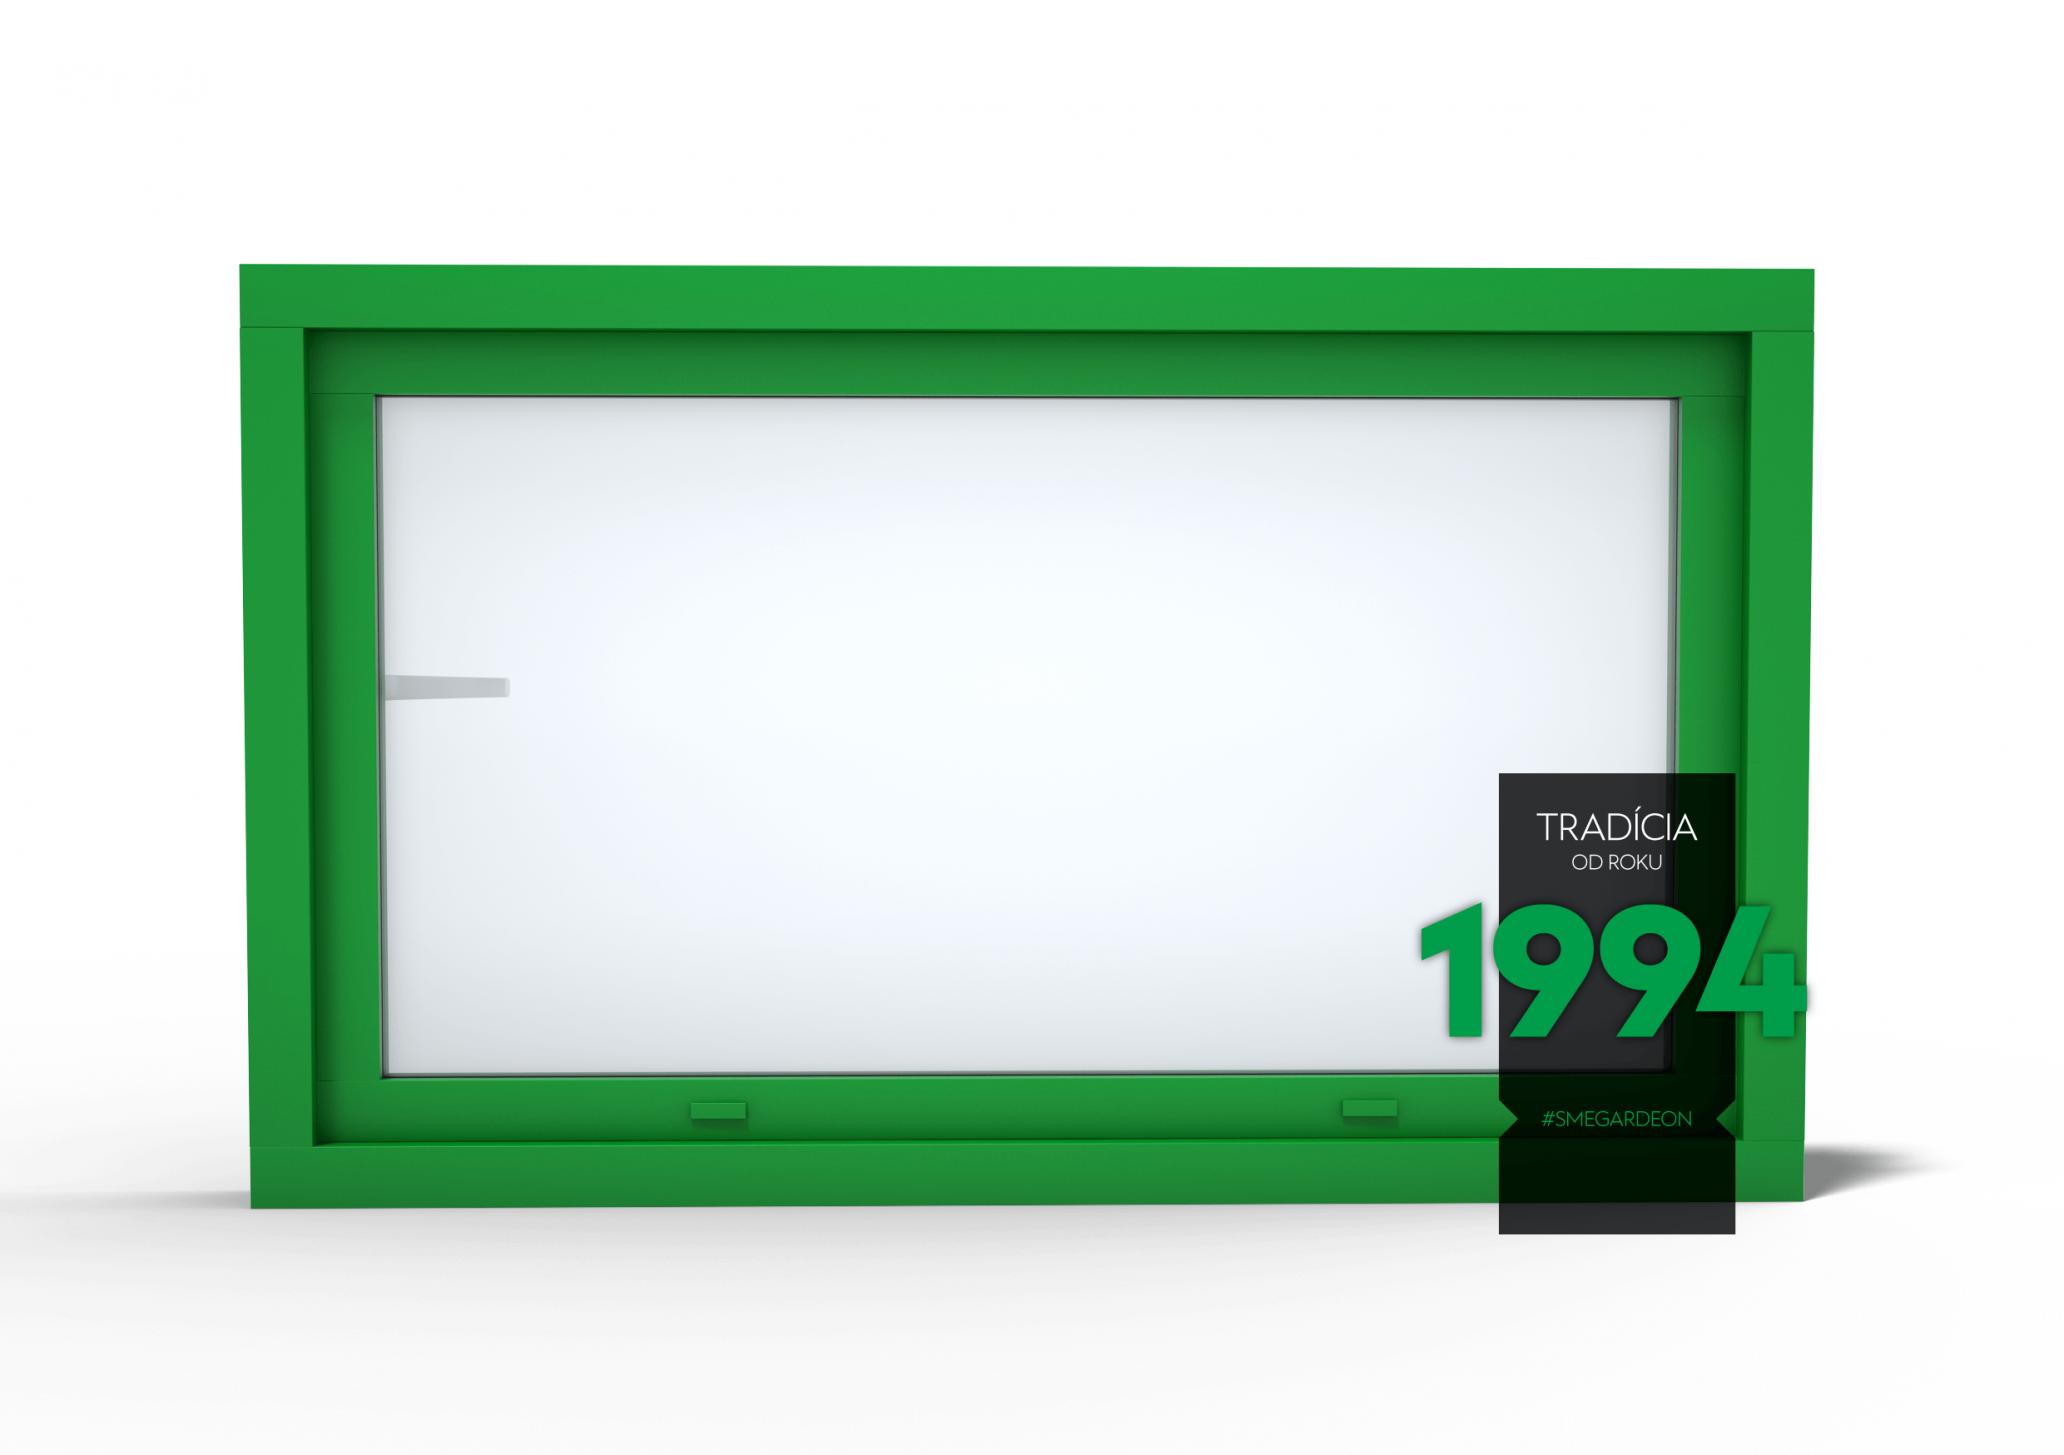 Okno GARDEON v gardeon zelenej farbe